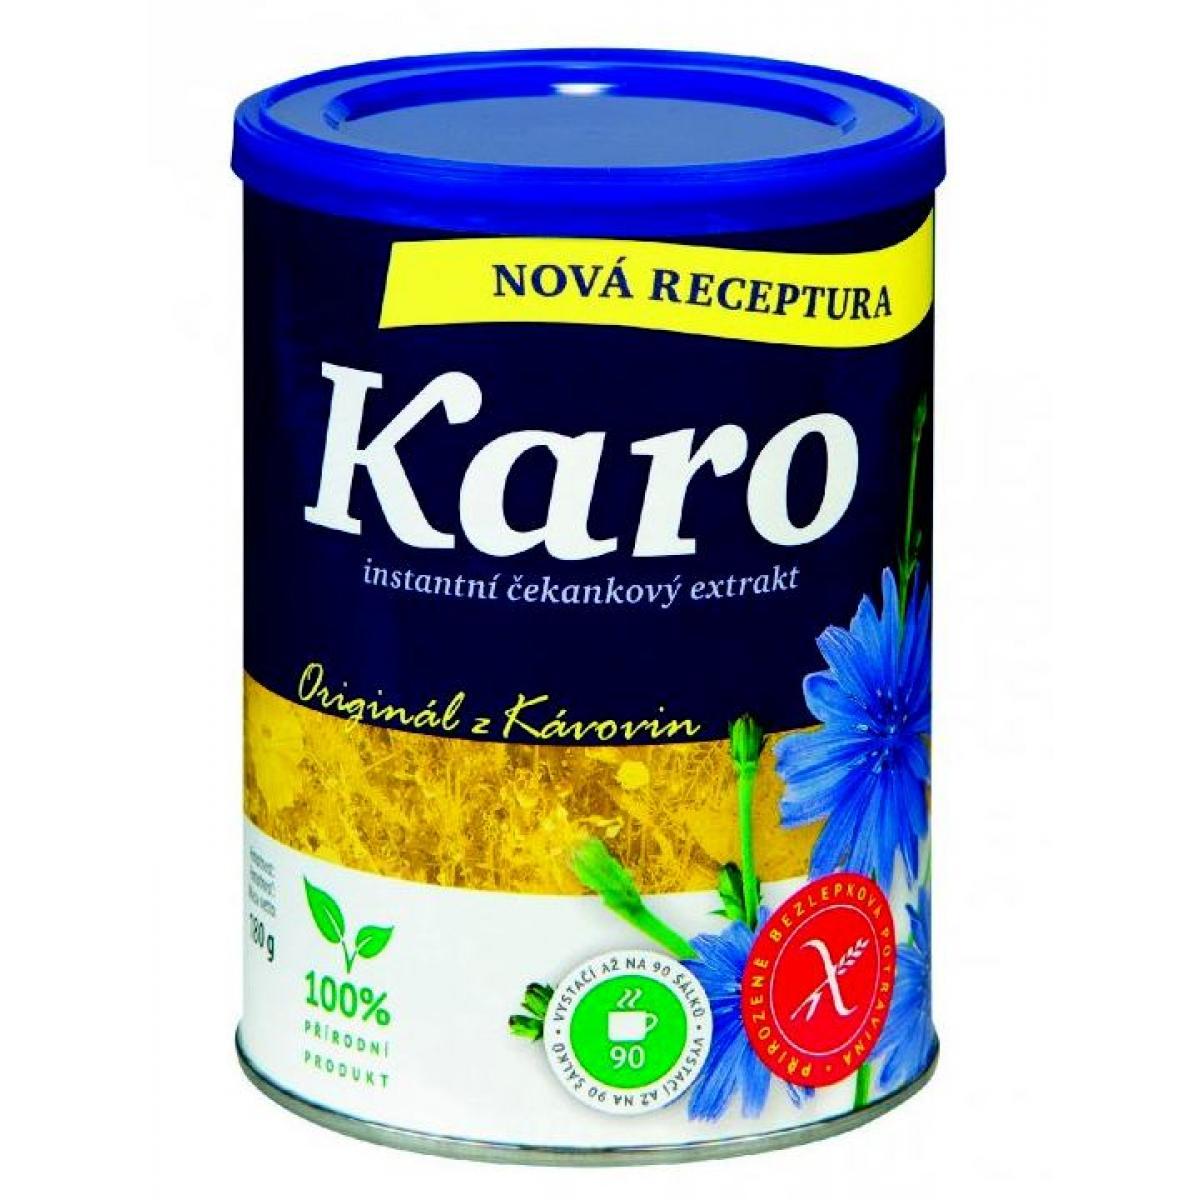 Karo - instantná kávovina (Čakanka obyčajná - koreň) dóza - 180 g